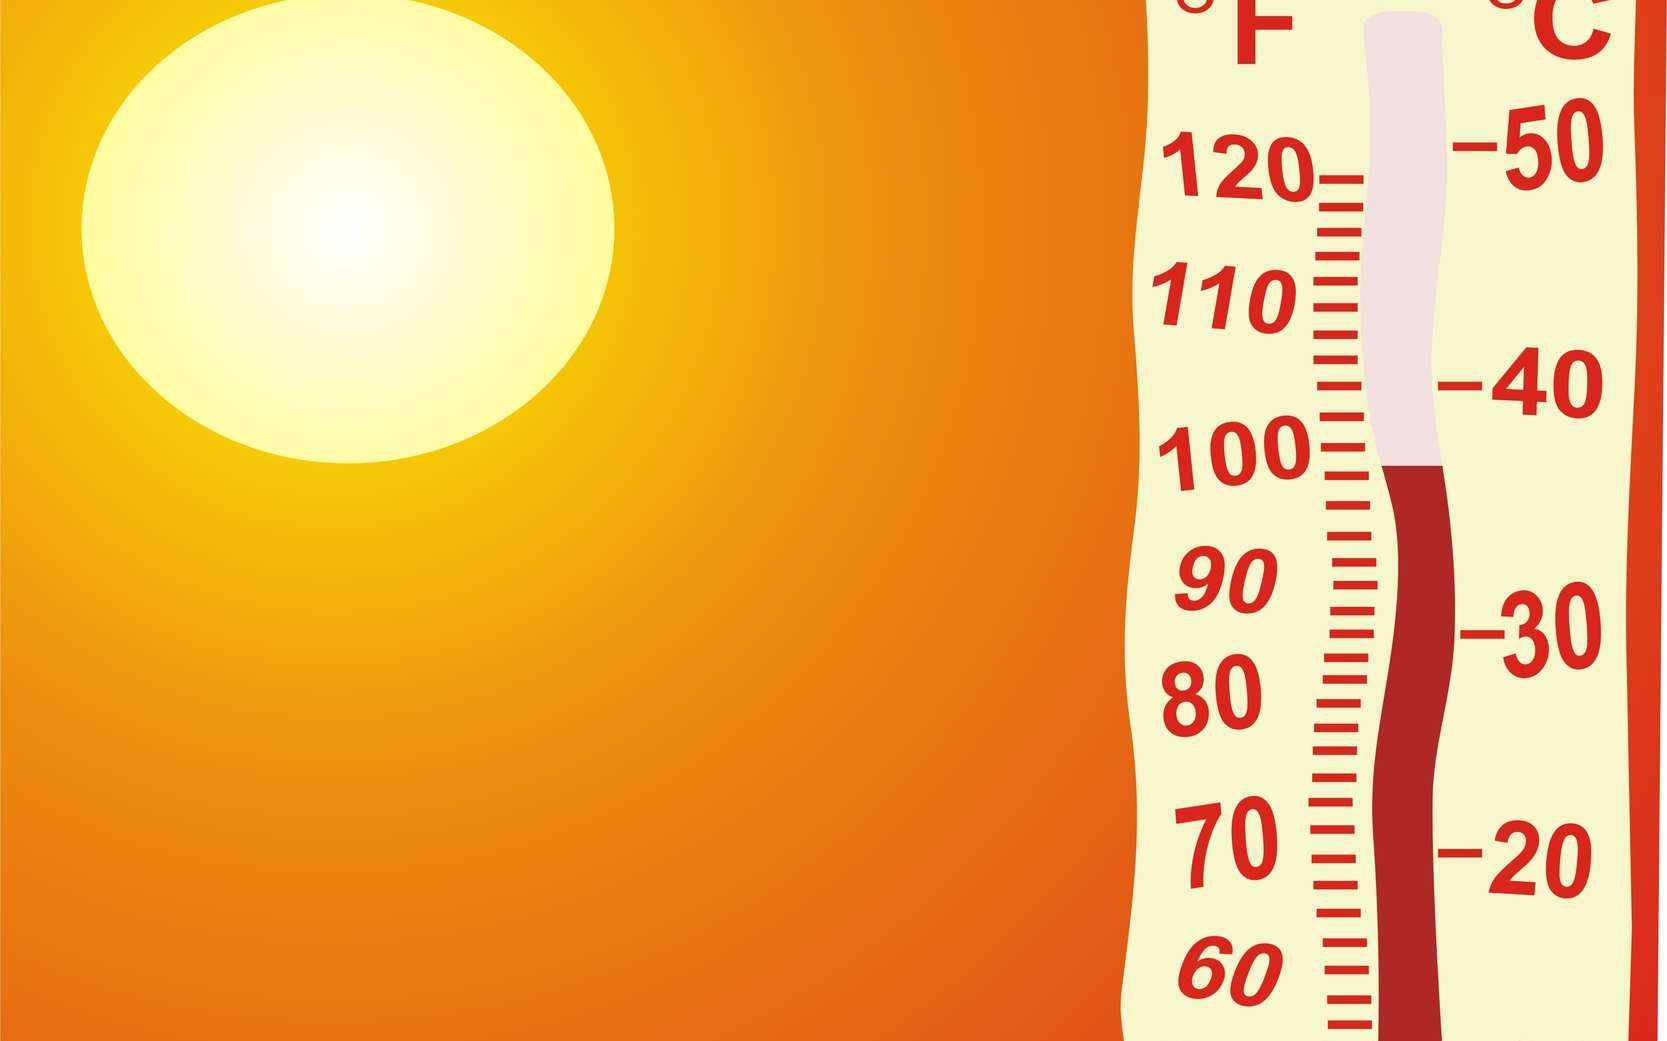 Réchauffement : quand la Terre deviendra-t-elle inhabitable ? © Xendim, Fotolia